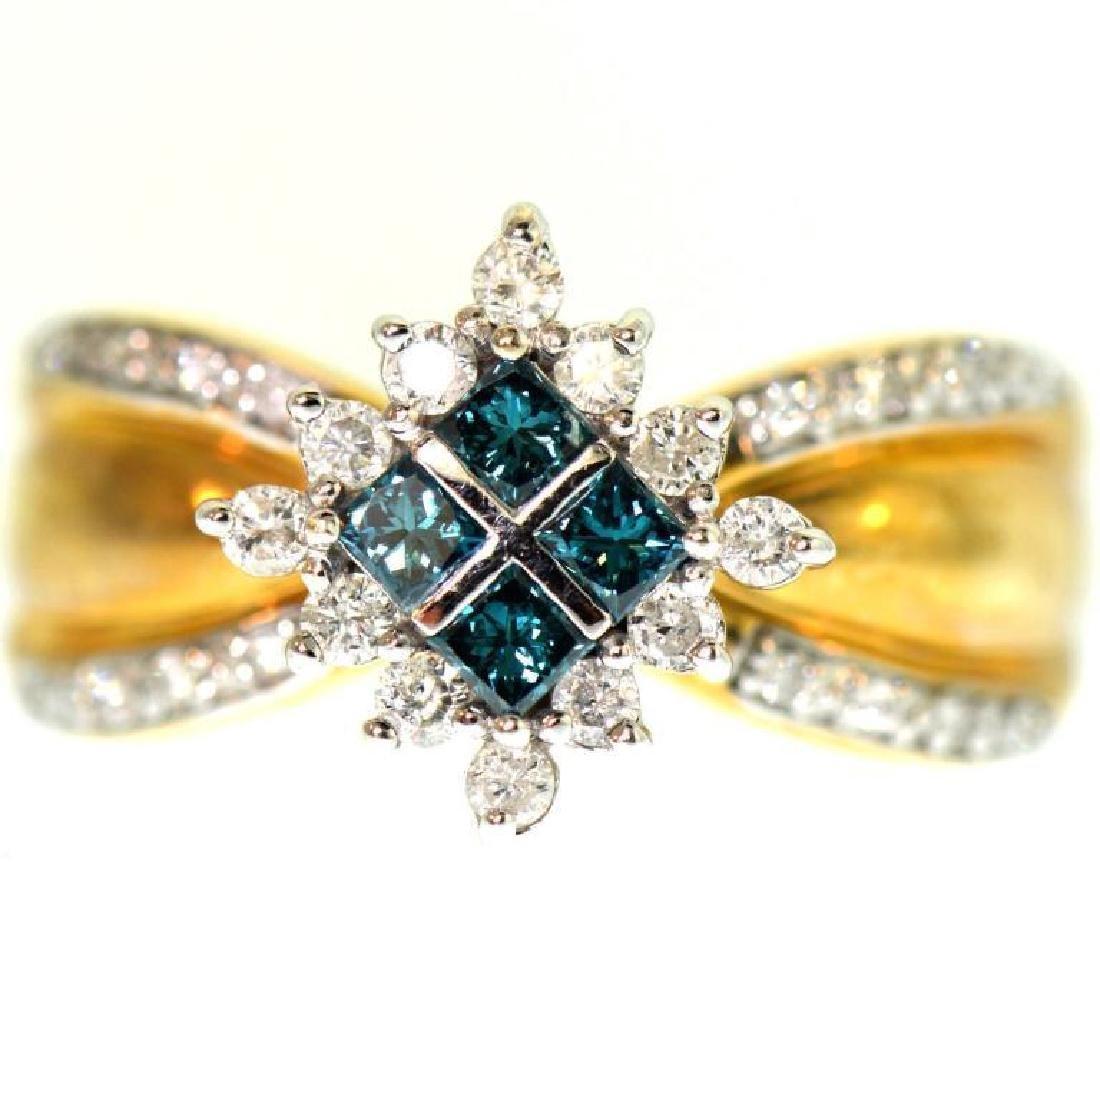 Blue & White Diamond 14Kt Gold Cluster Ring